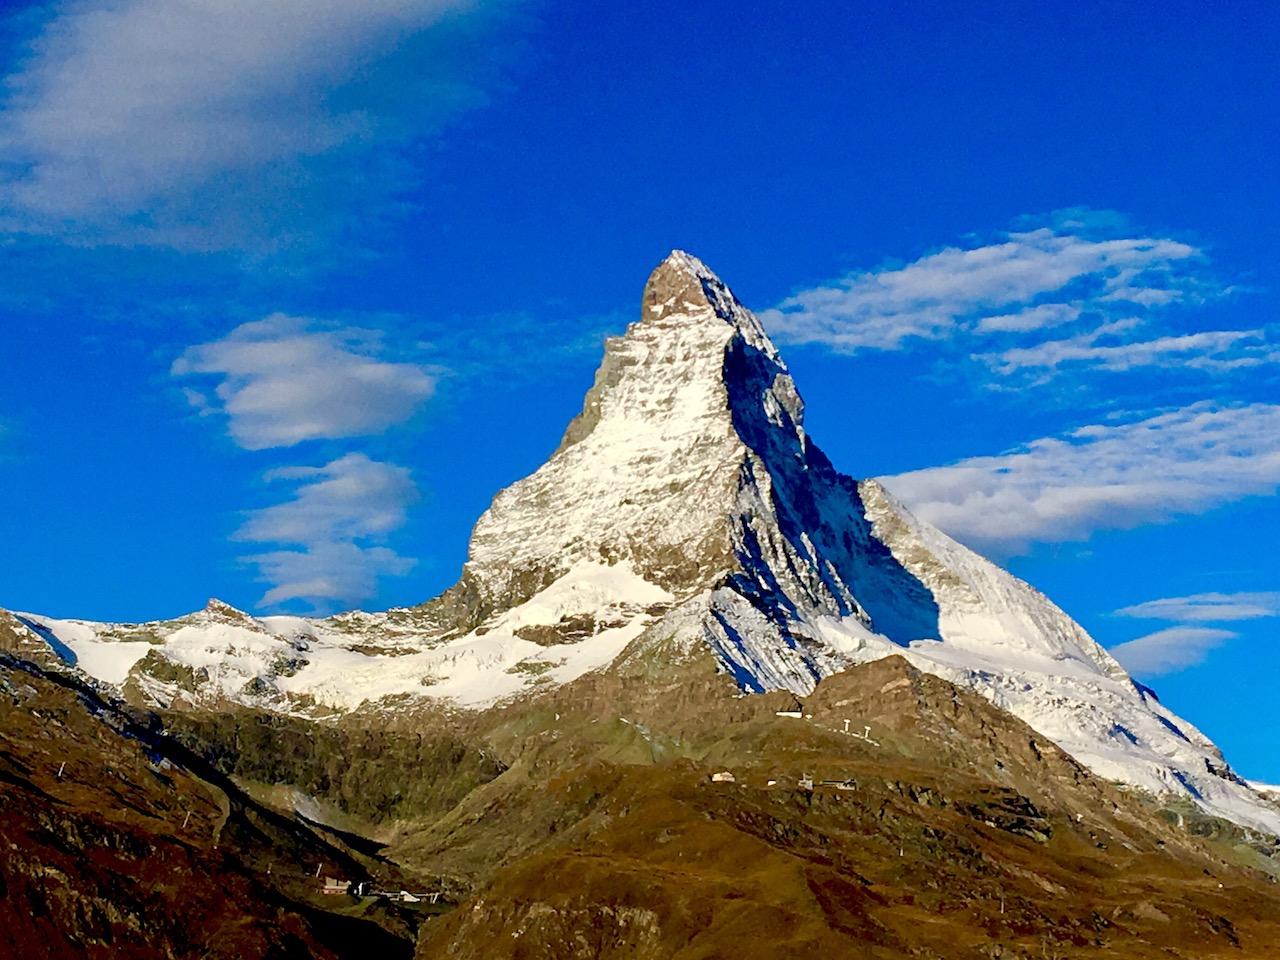 Matterhorn View from the Riffelalp